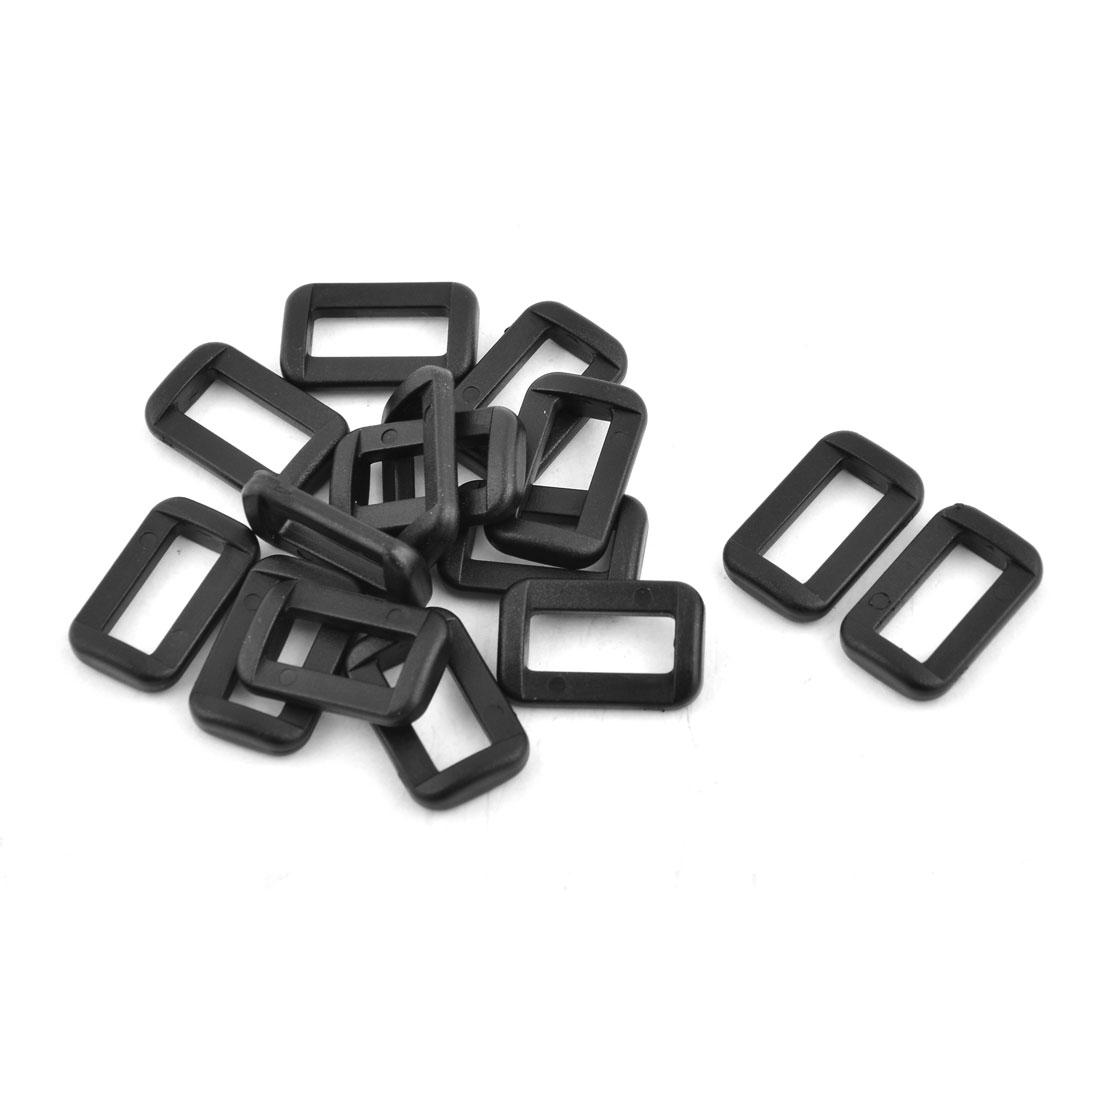 Backpack Plastic Adjustive Shoulder Belt Tri Glide Buckle 15mm Strap Width 15pcs